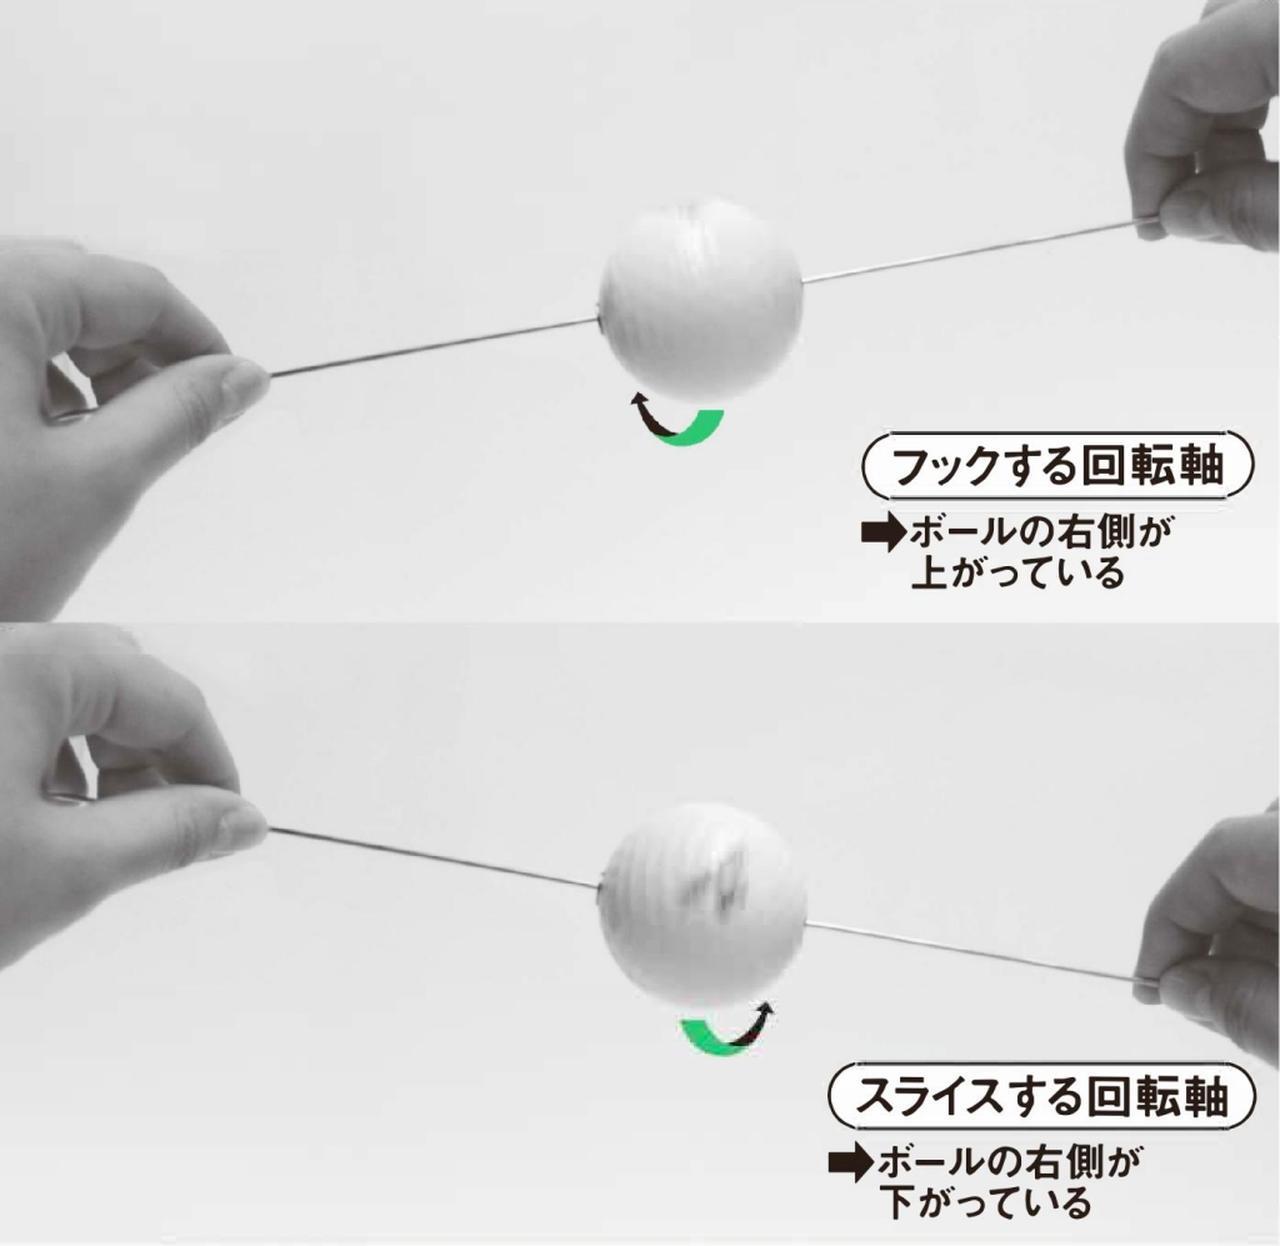 画像: ボールのどこに当たるかで回転軸の傾きが決まる